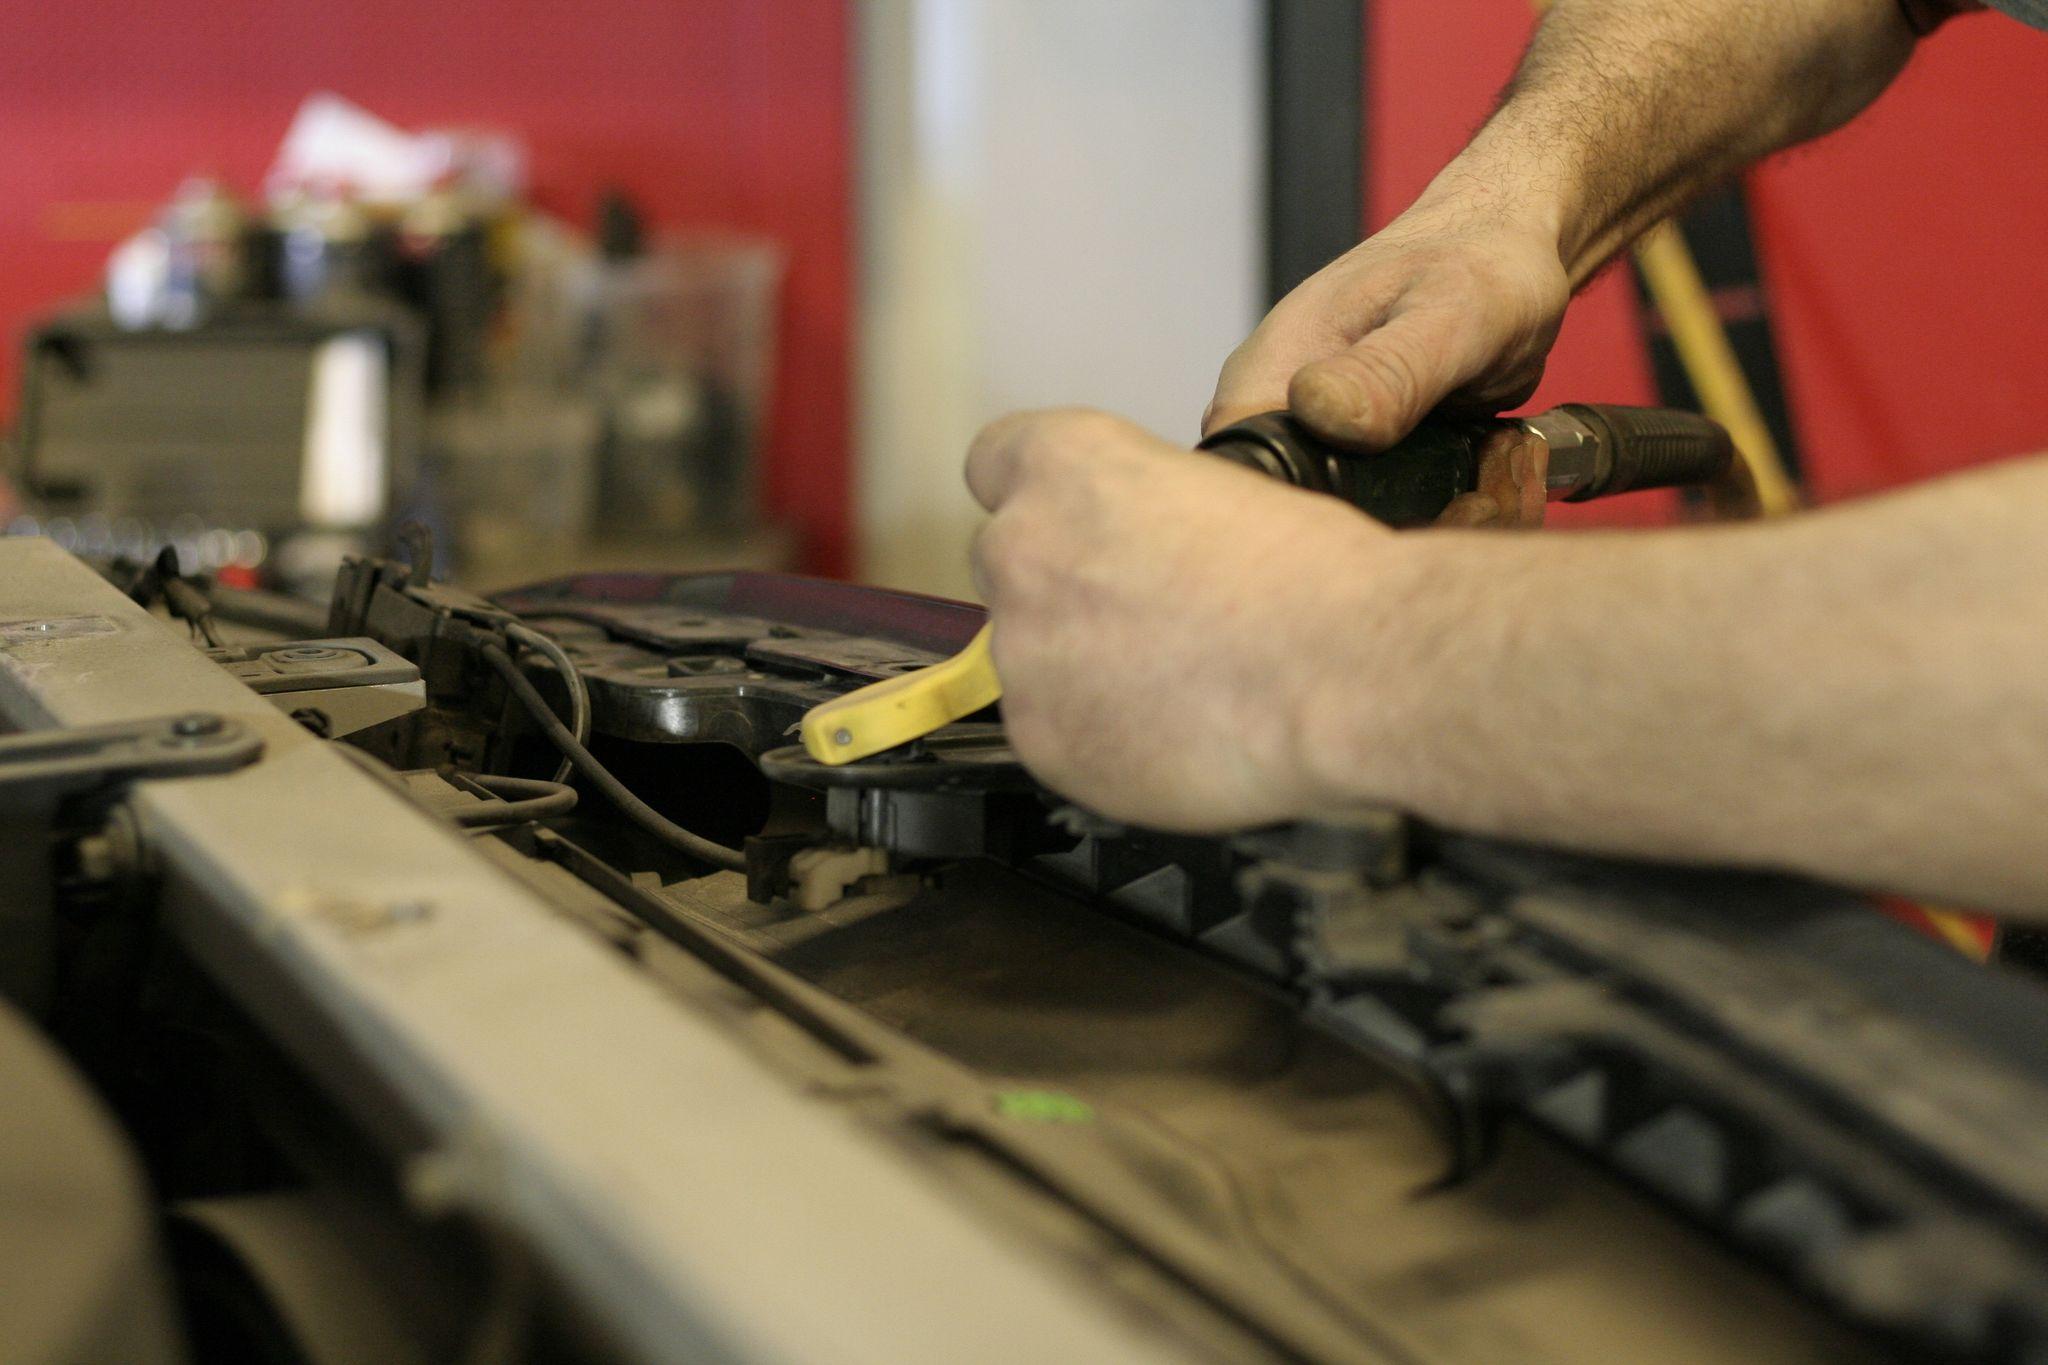 stivens bilverkstad, bilservice och bilreparationer, Meca Car Service, stiven bilservice